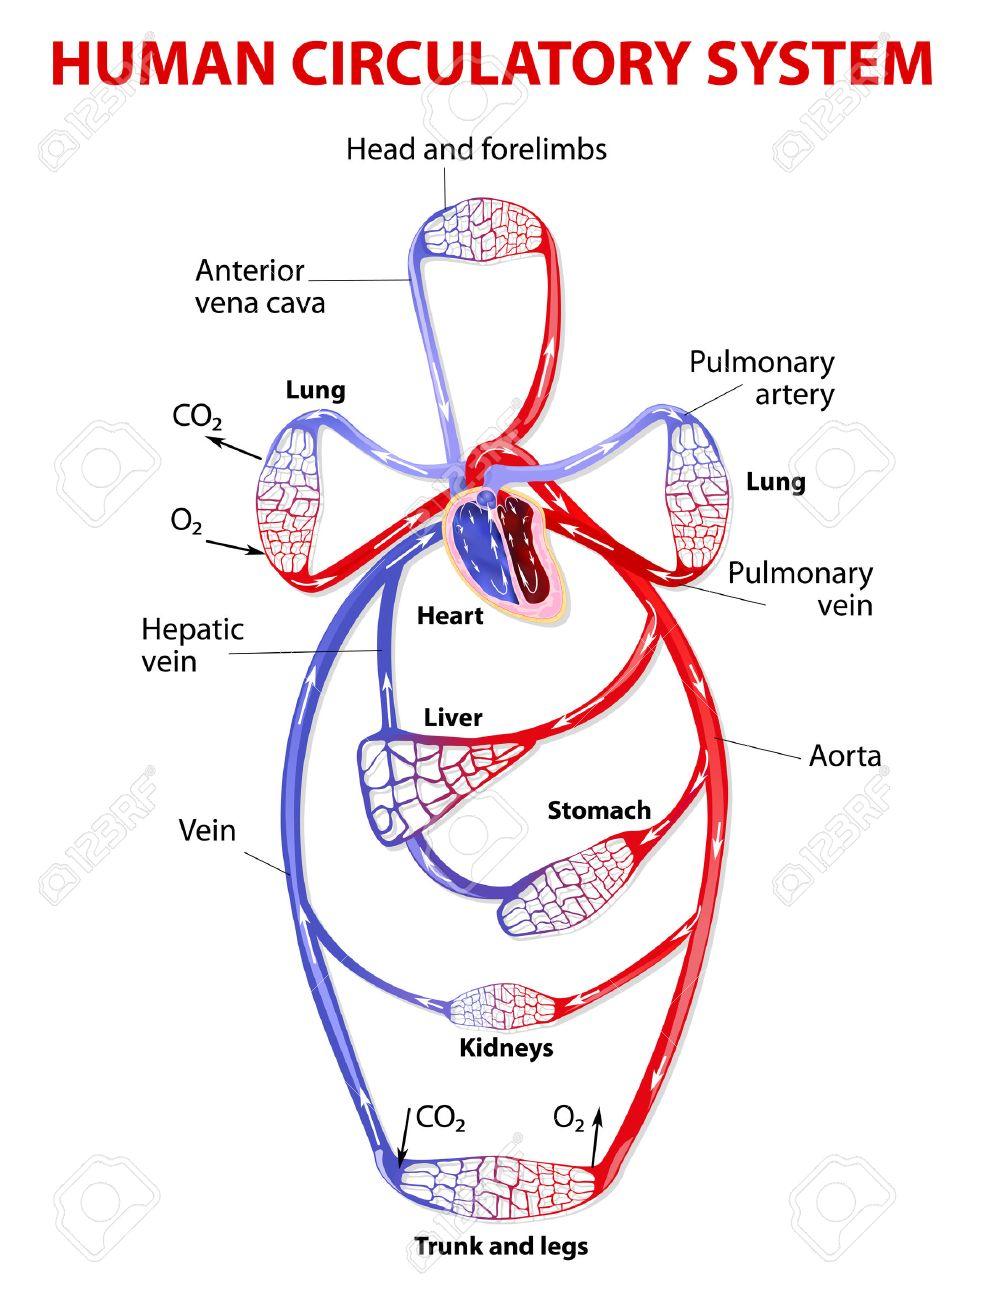 El Sistema Circulatorio Cardiovascular Transporta El Alimento, Las ...